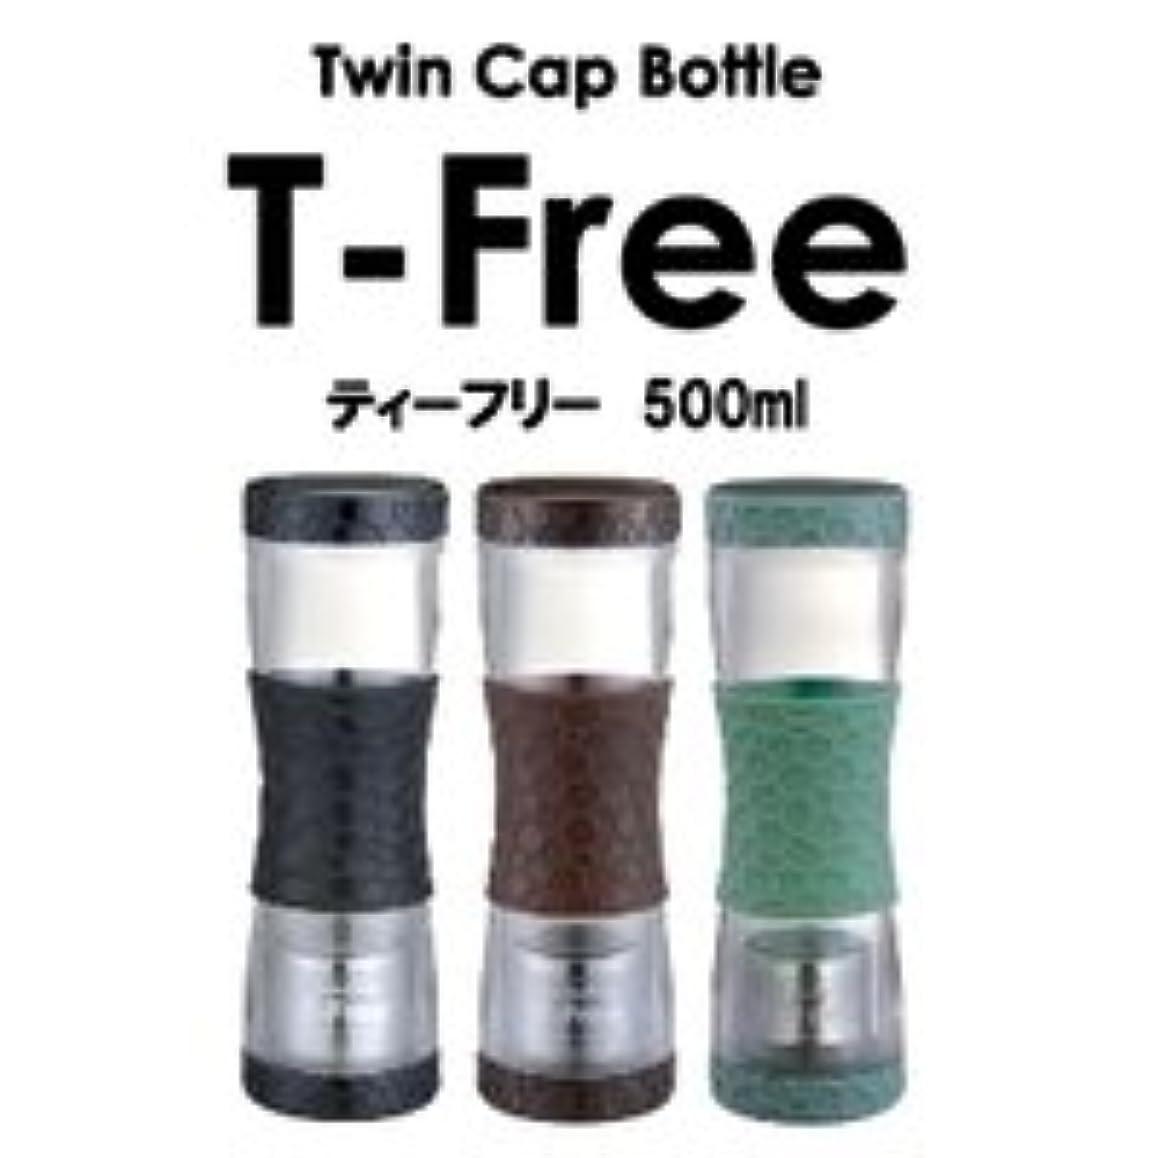 クック家事原始的なティーフリー500ml T-Free (カラー:グリーン) ※使い方自由なツインキャップボトル